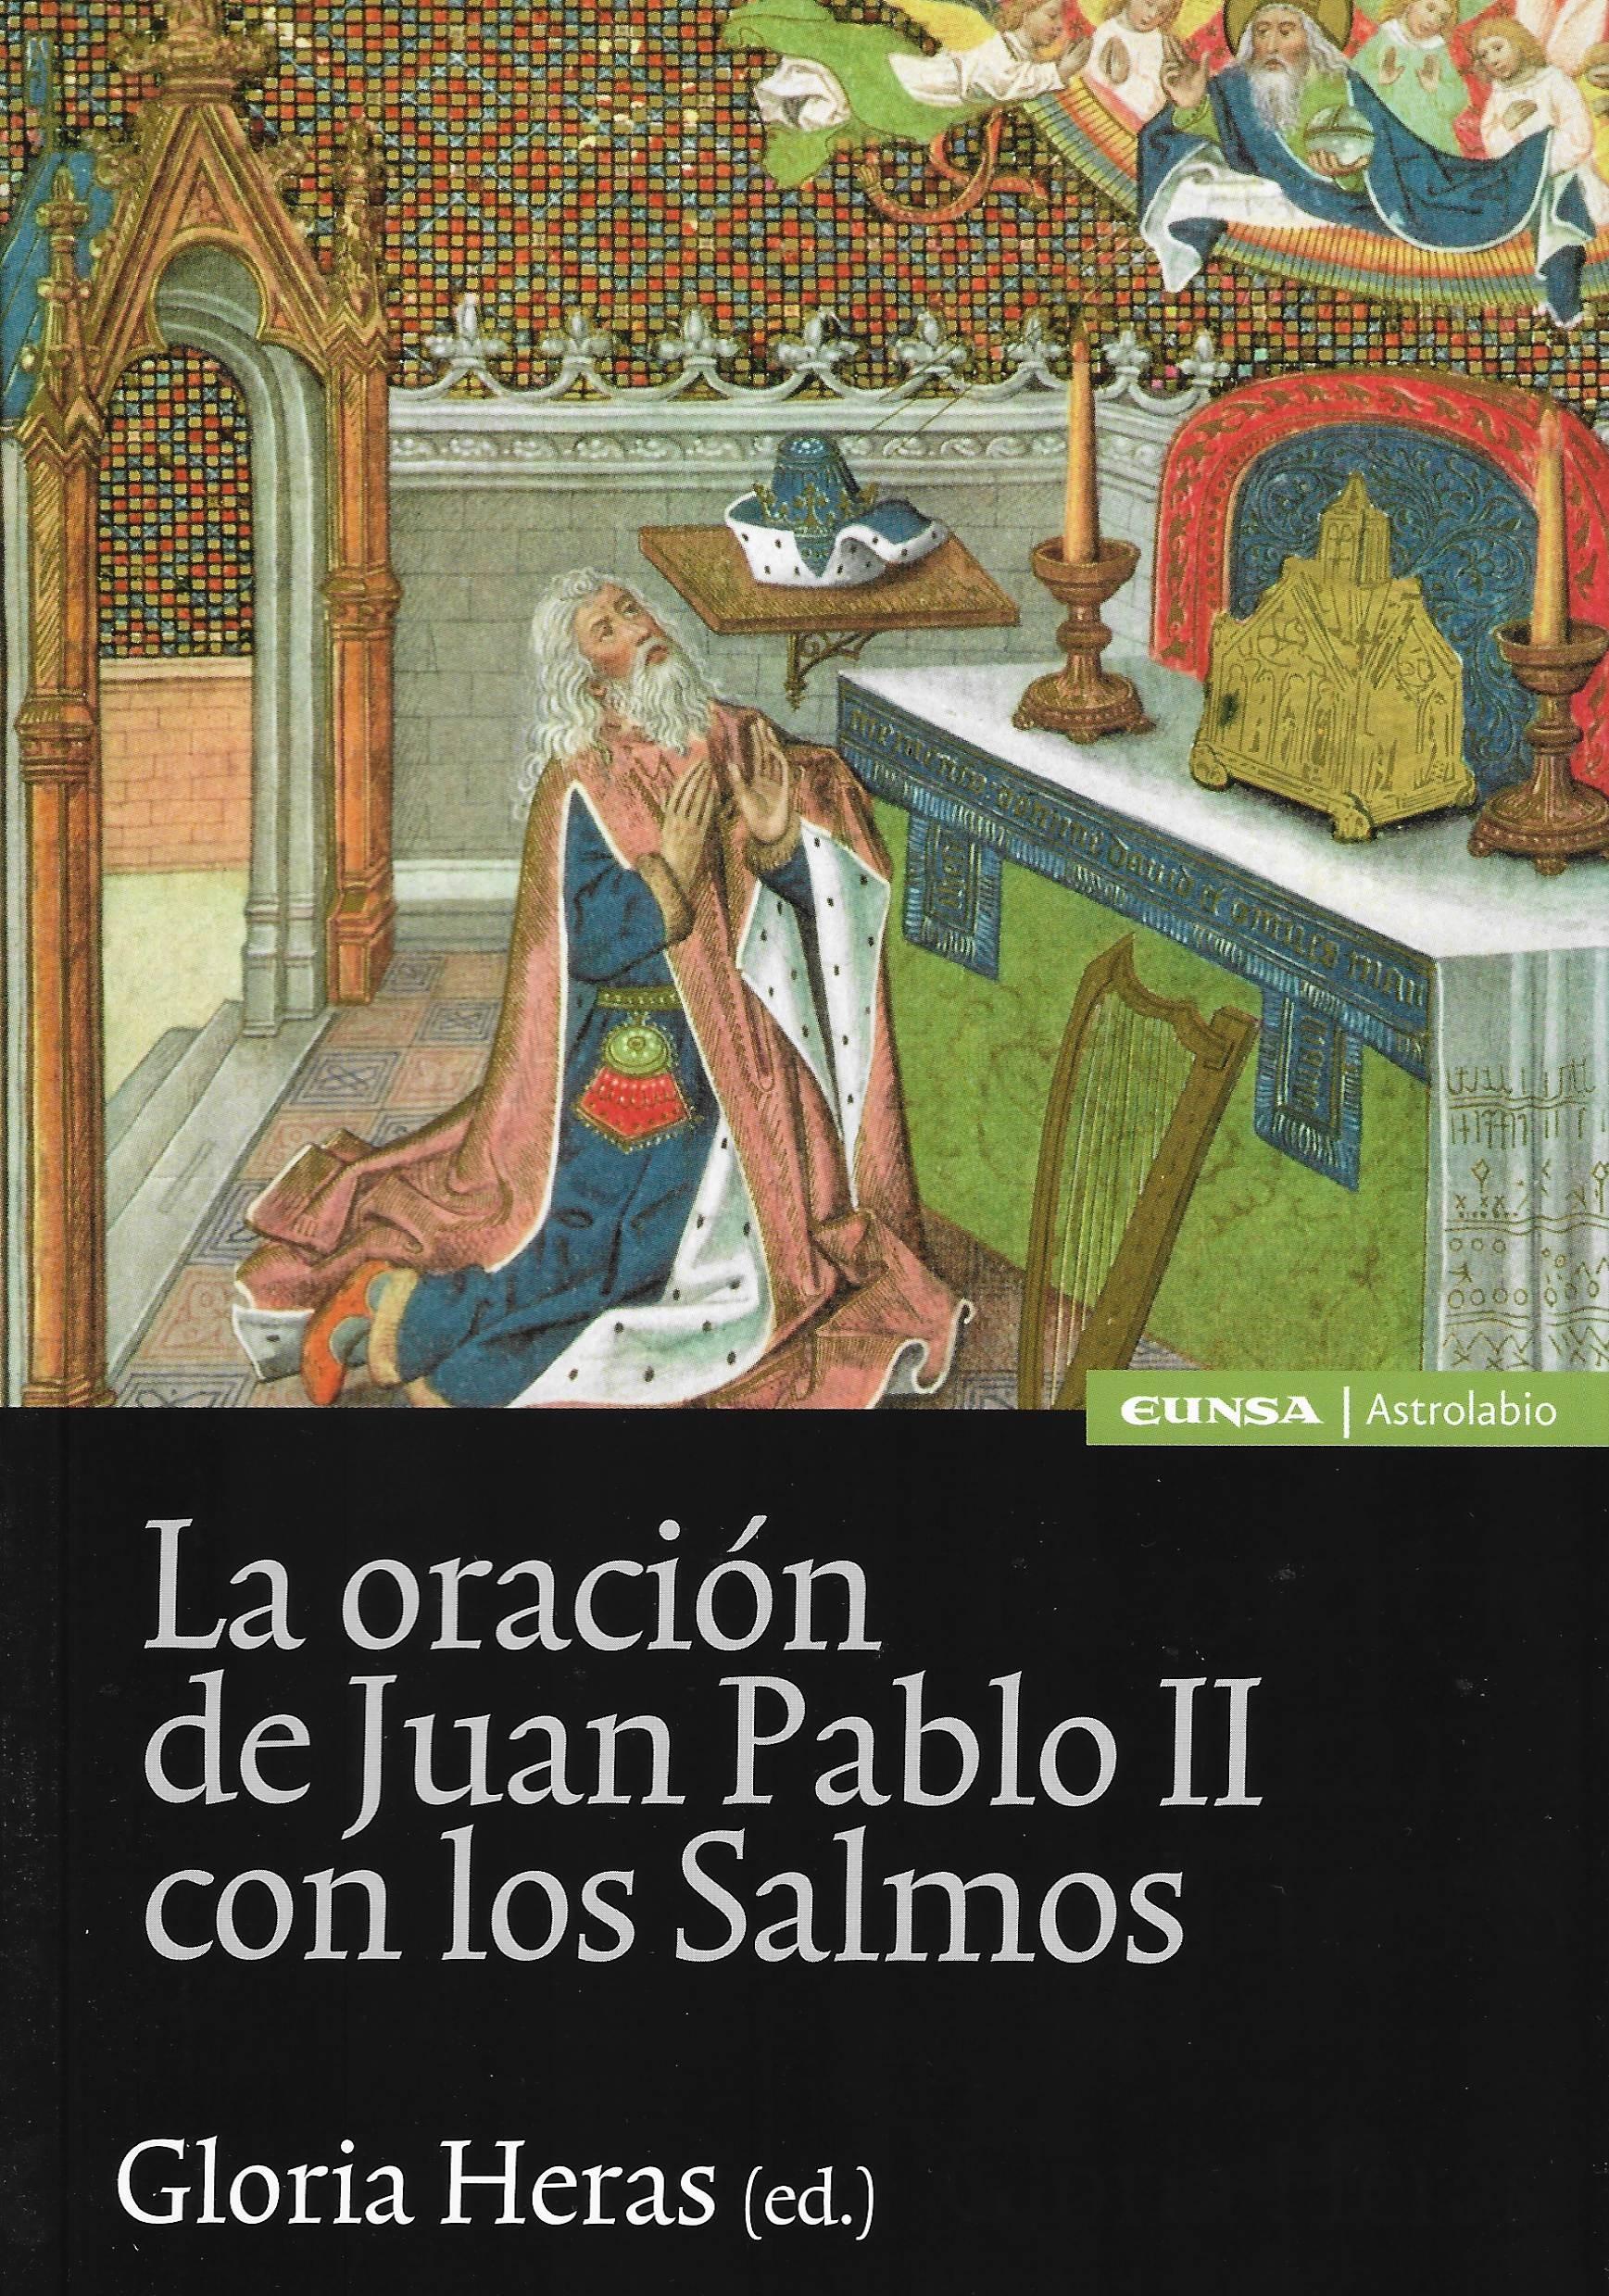 La oración de Juan Pablo II con los Salmos